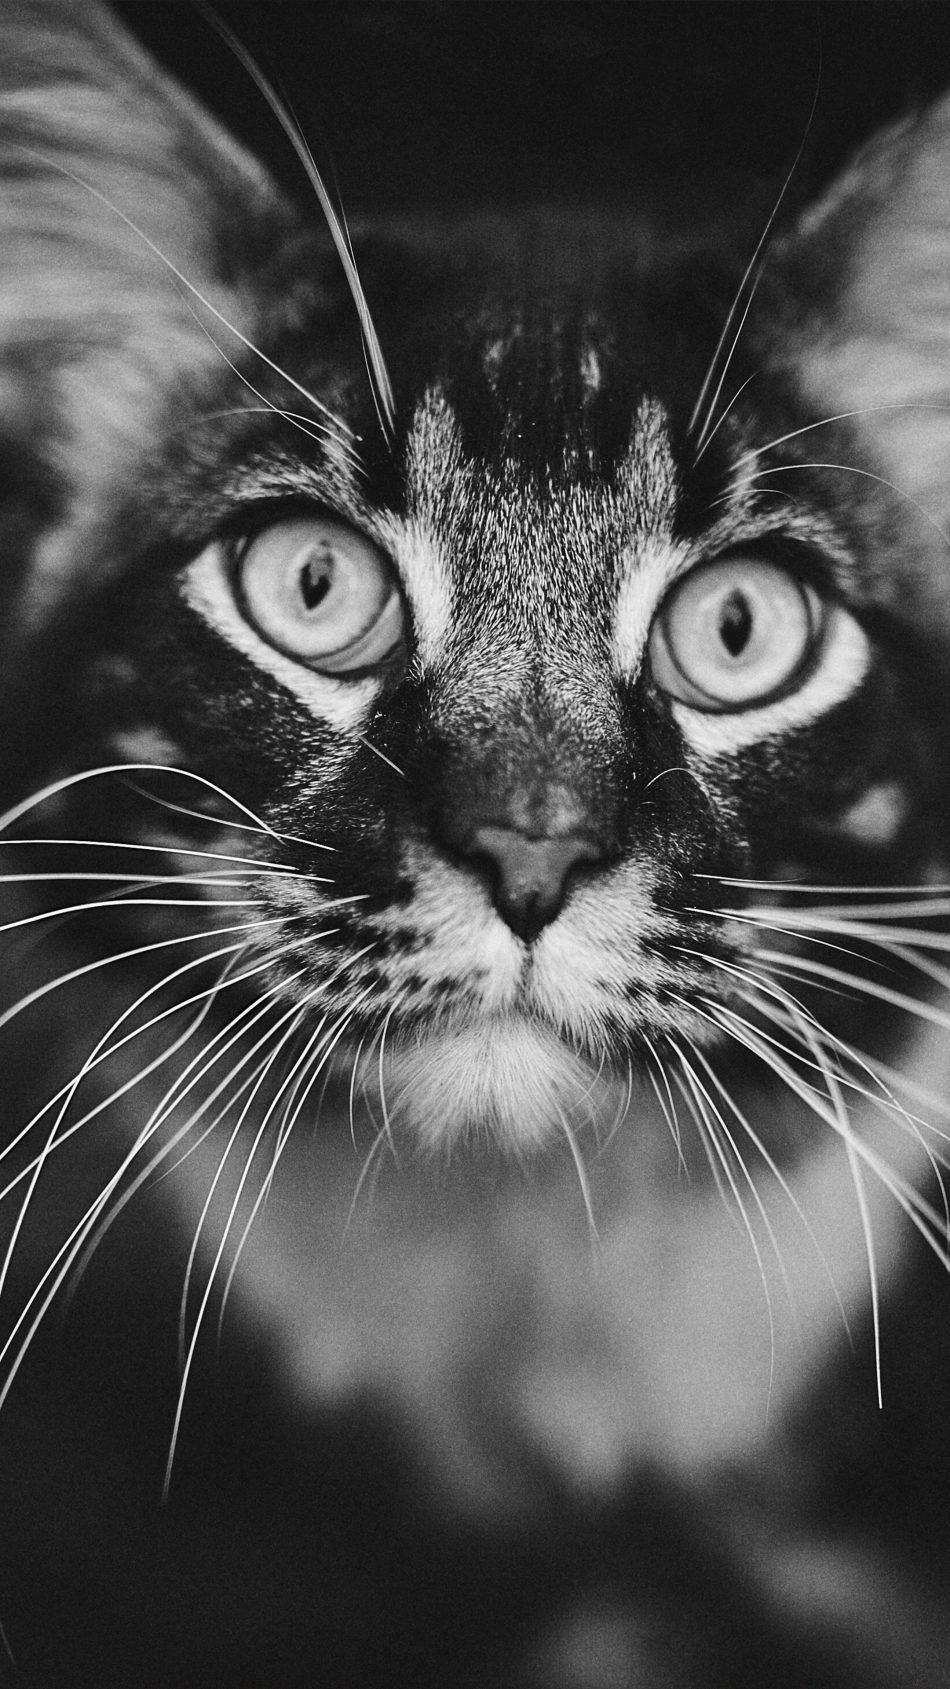 Staring Cat Black White 4k Ultra Hd Mobile Wallpaper